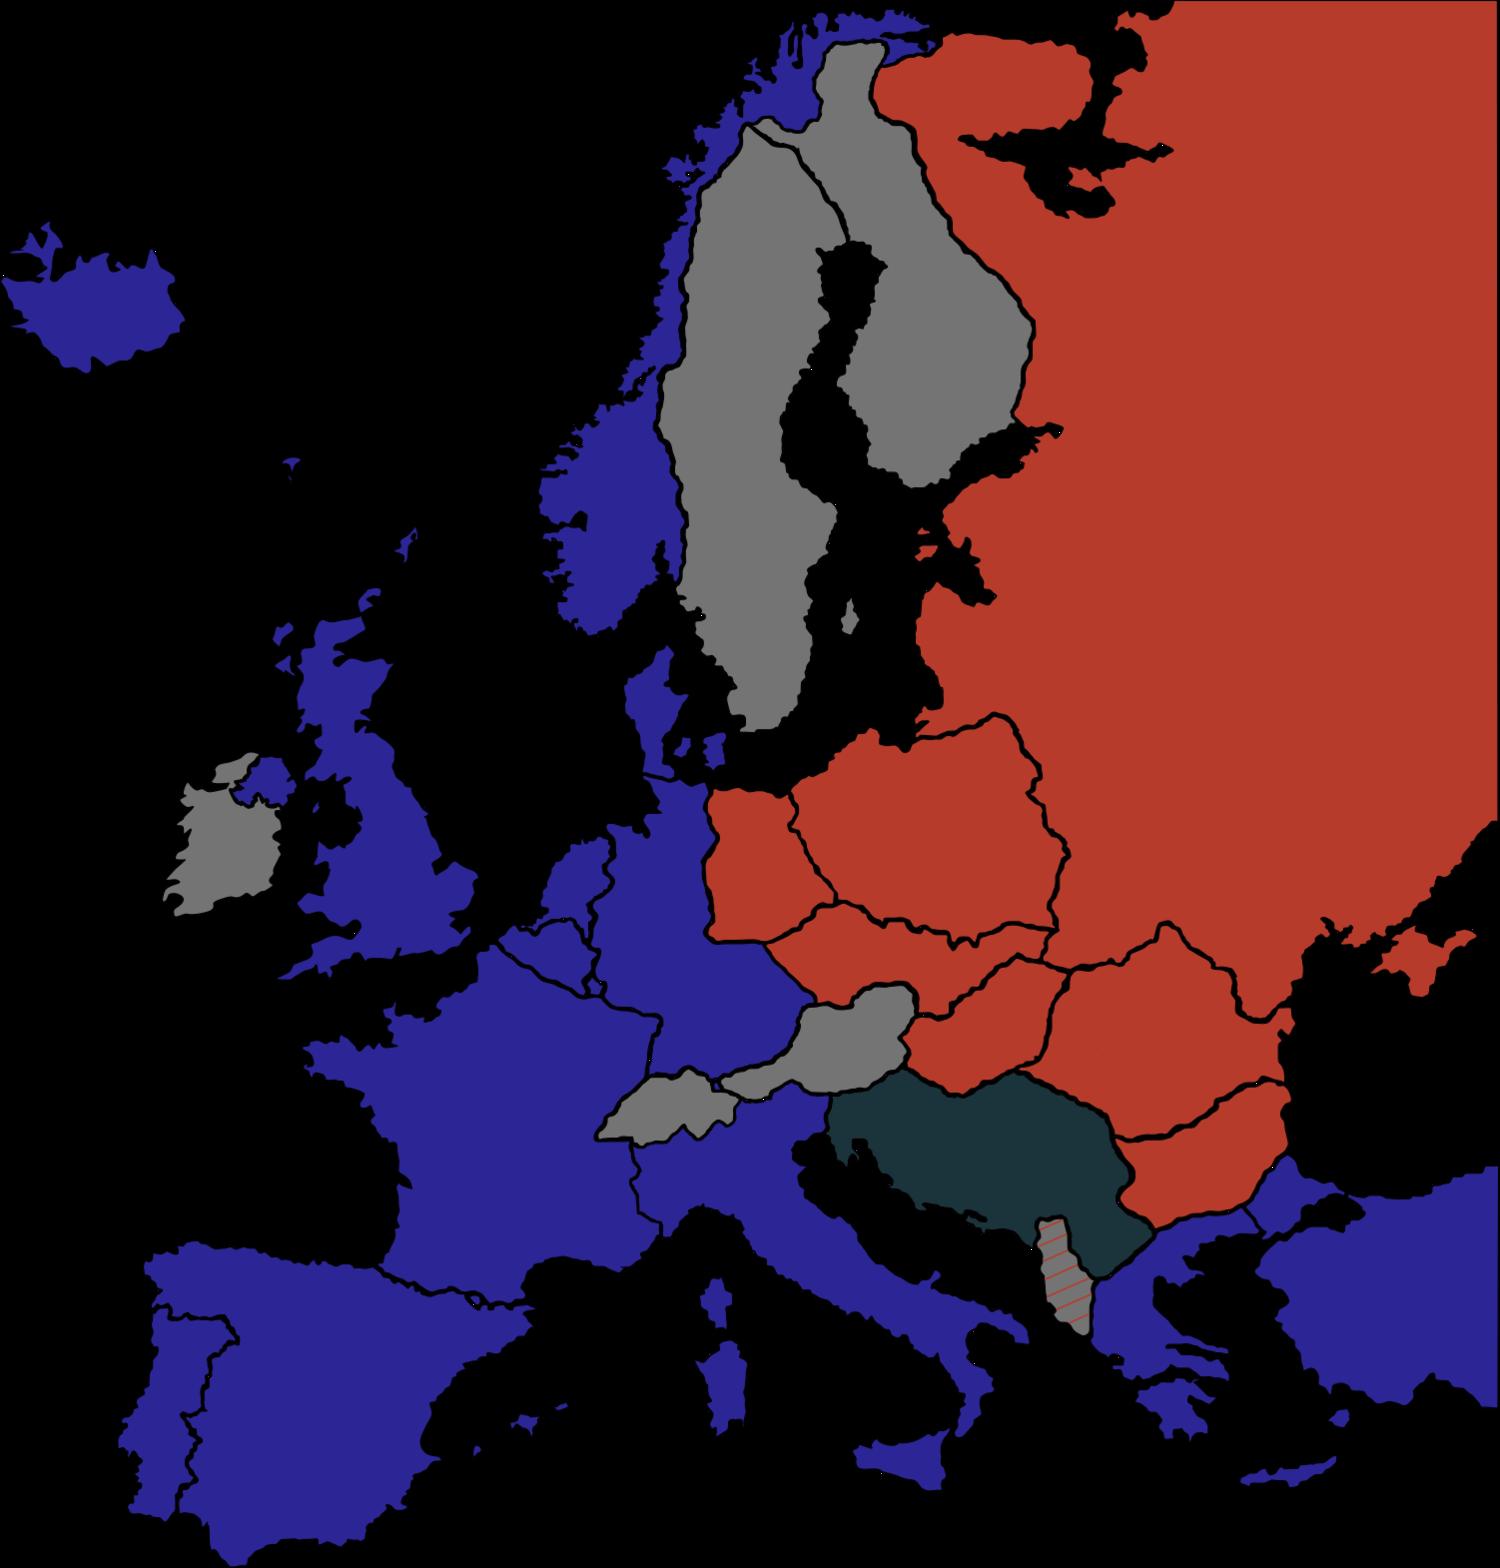 Vernes Seferovic, Mapa Železnej opony počas Studenej vojny. 2006. Wikimedia commons